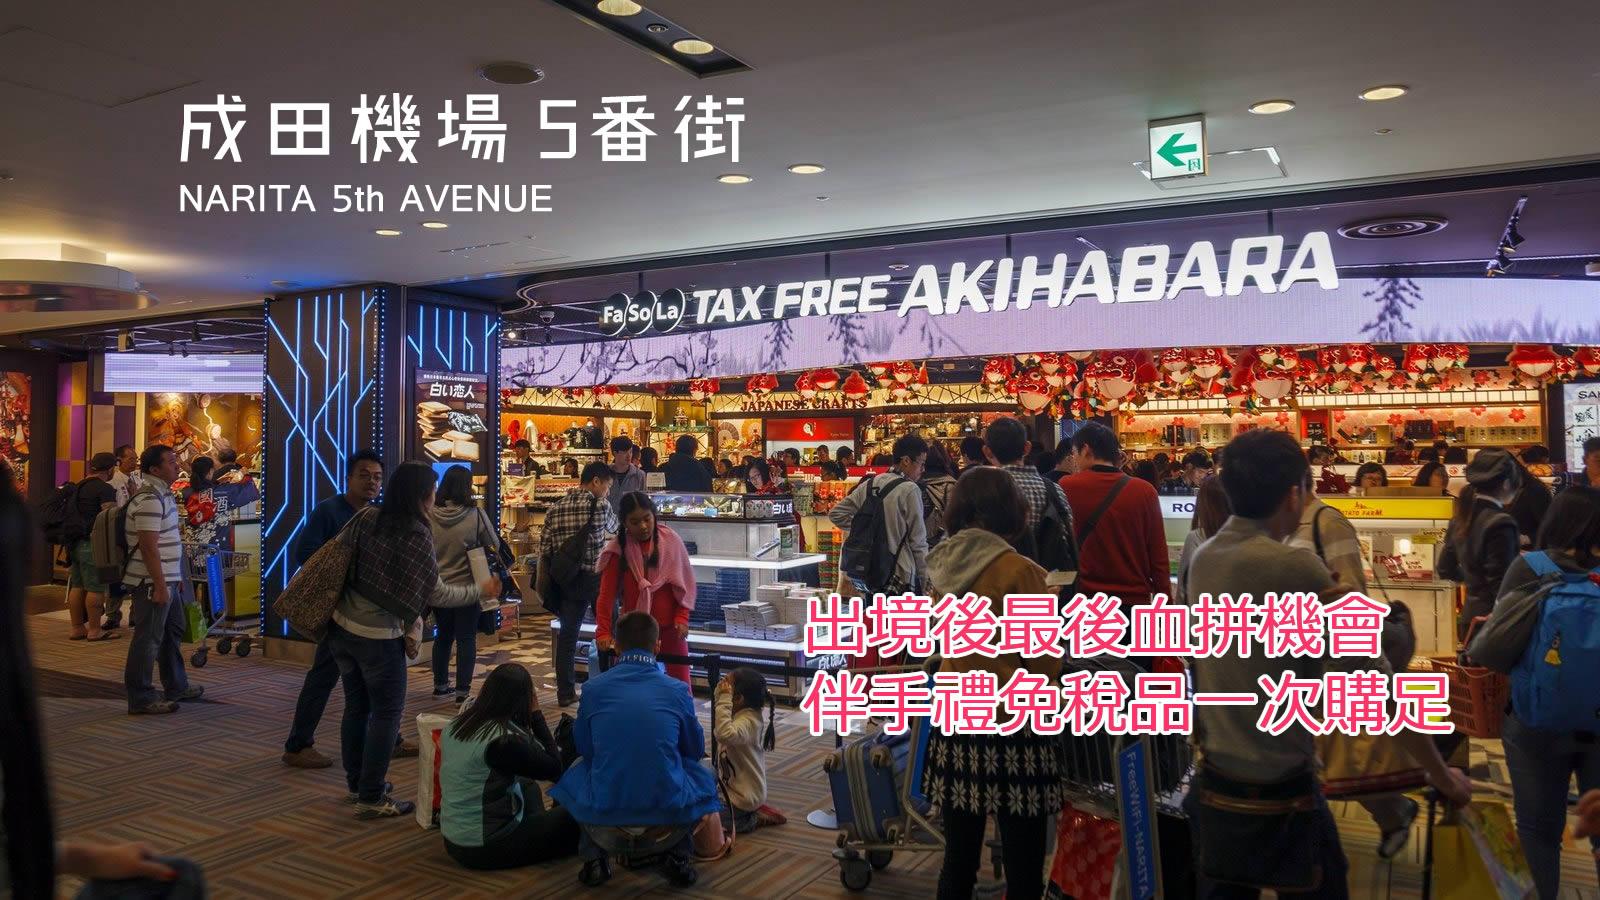 【東京購物】成田機場 二航廈 5番街 》出境後免稅商店區.知名伴手禮一次購足 77